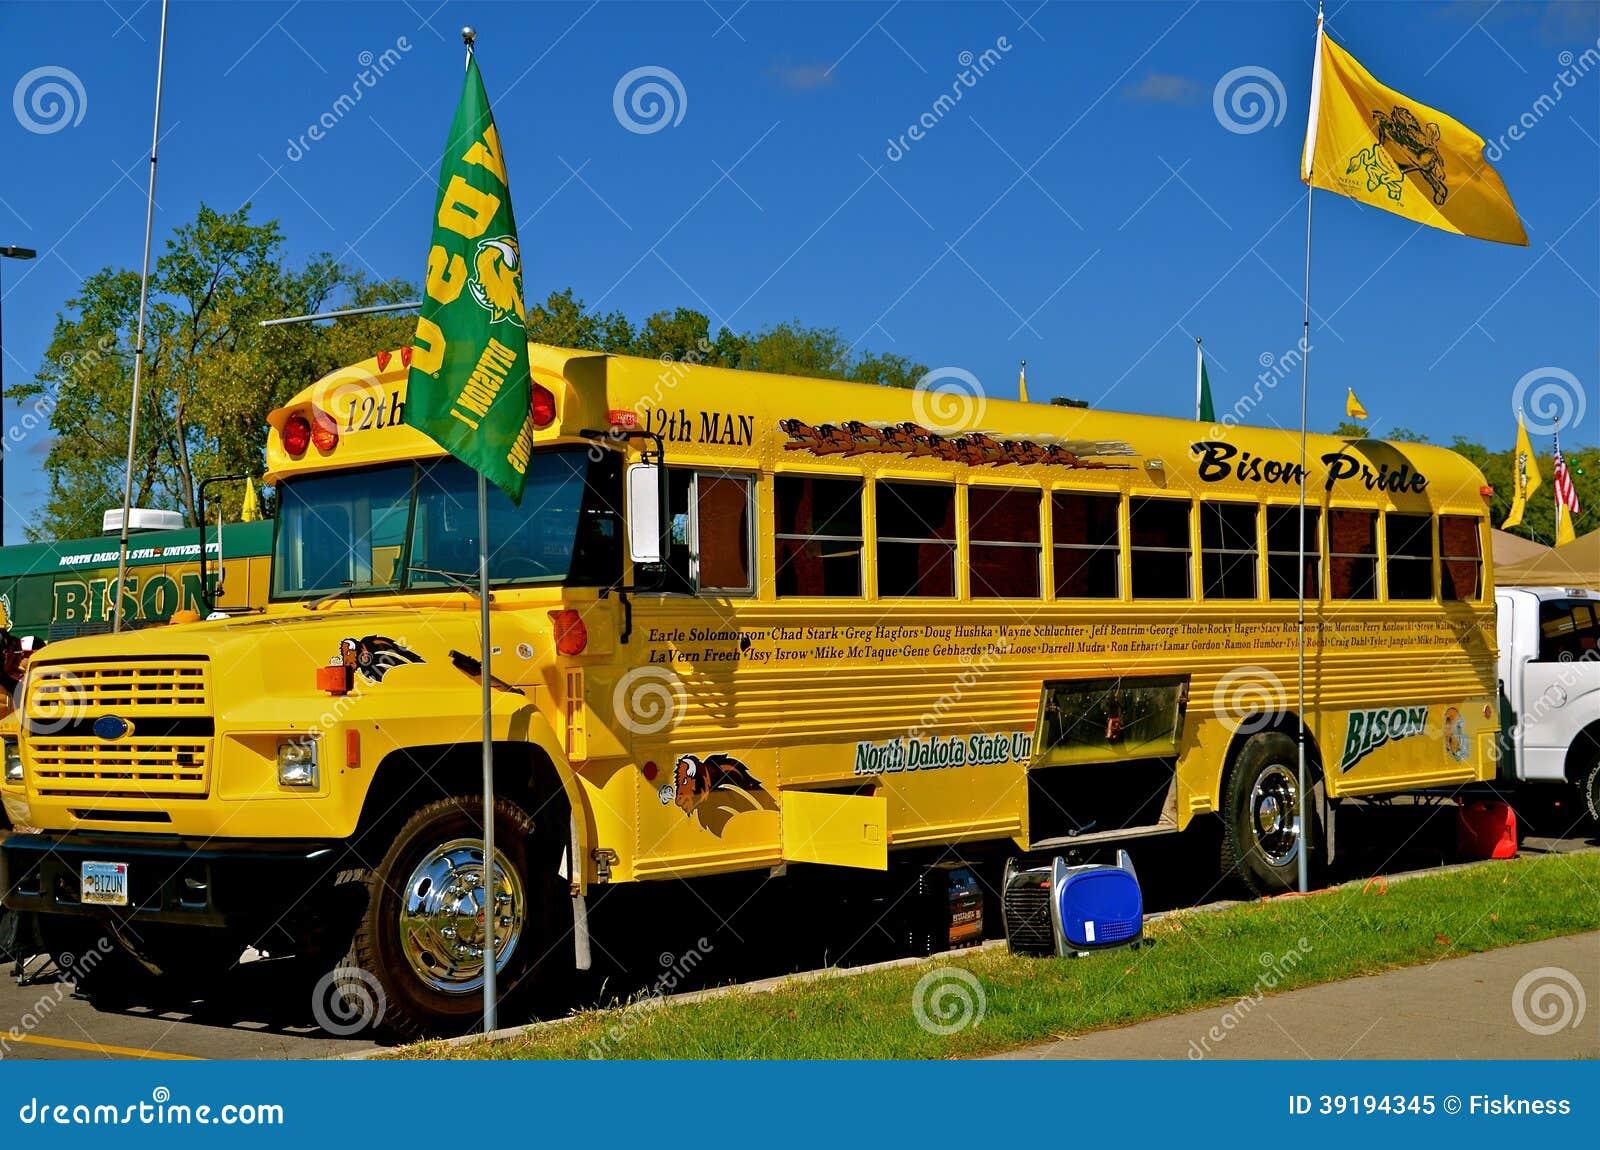 dalots et buses gratuit